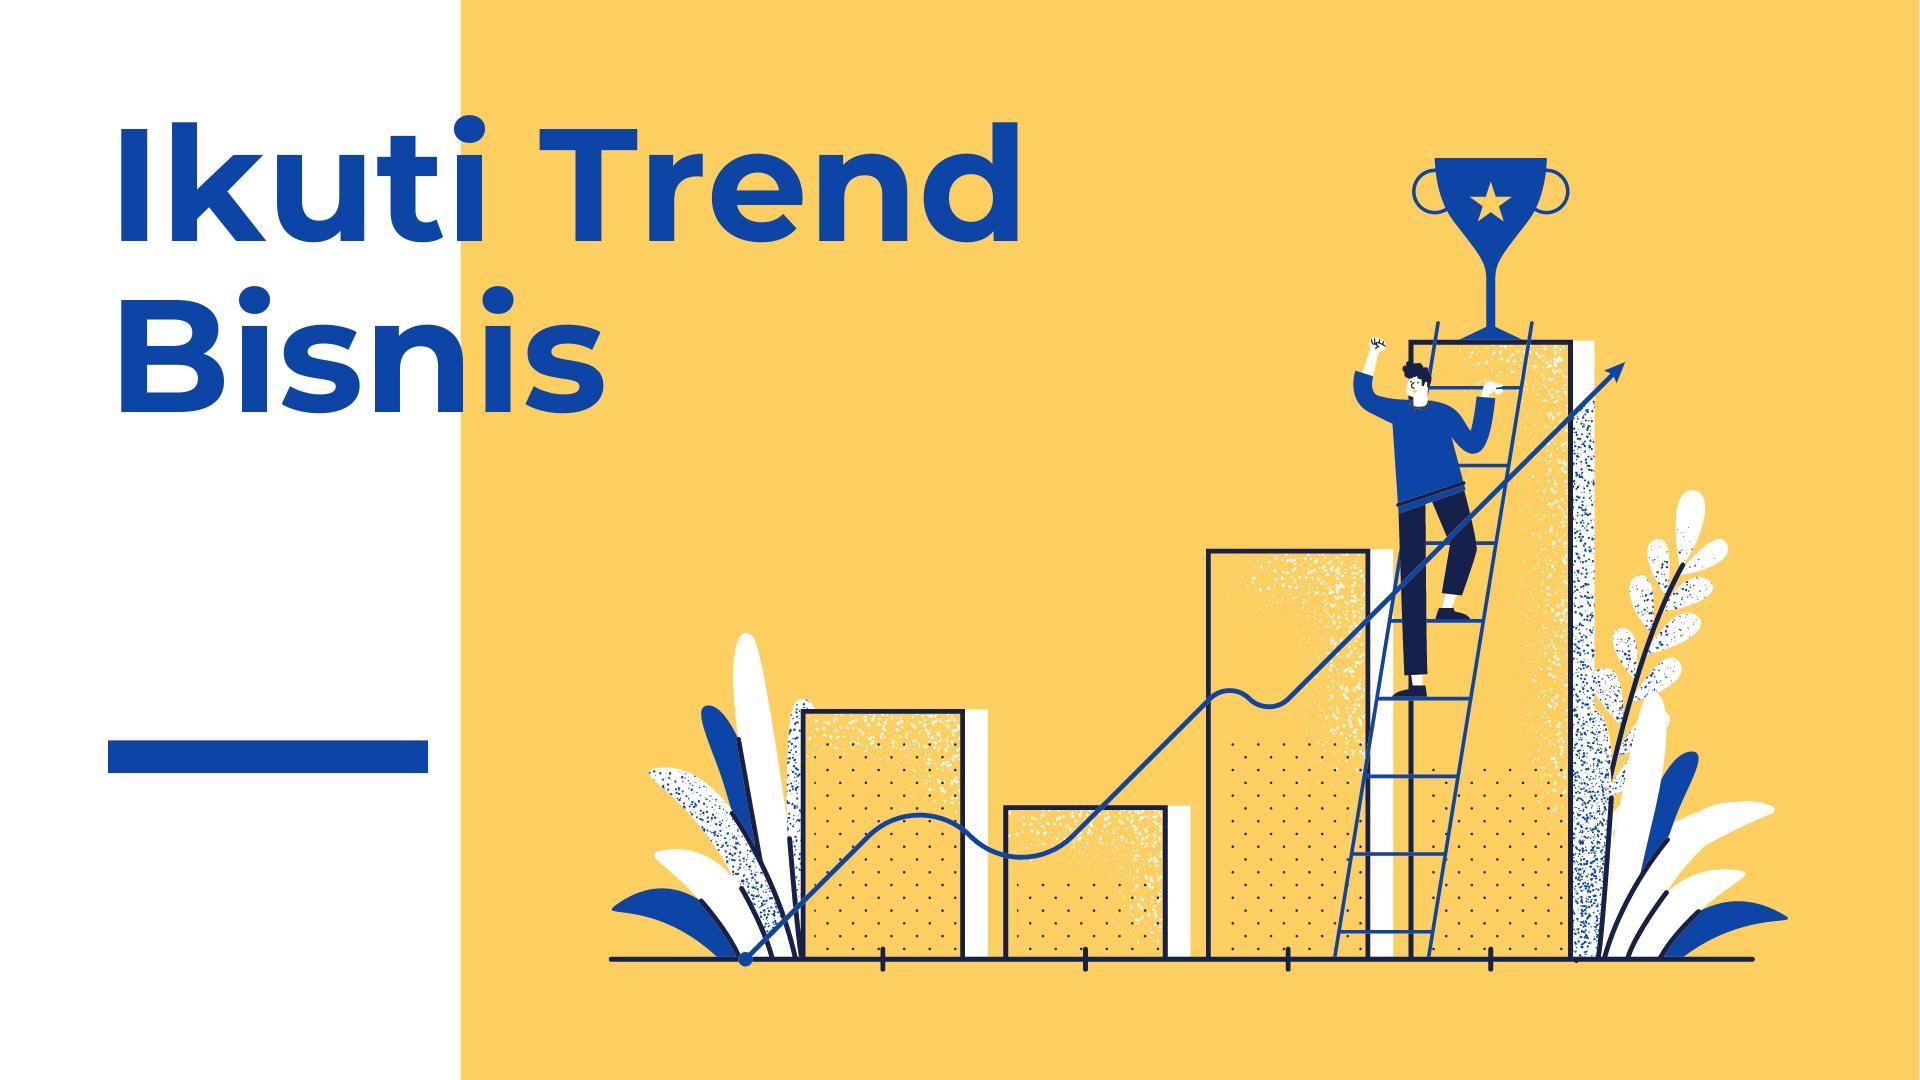 trend bisnis dalam langkah pengembangan bisnis